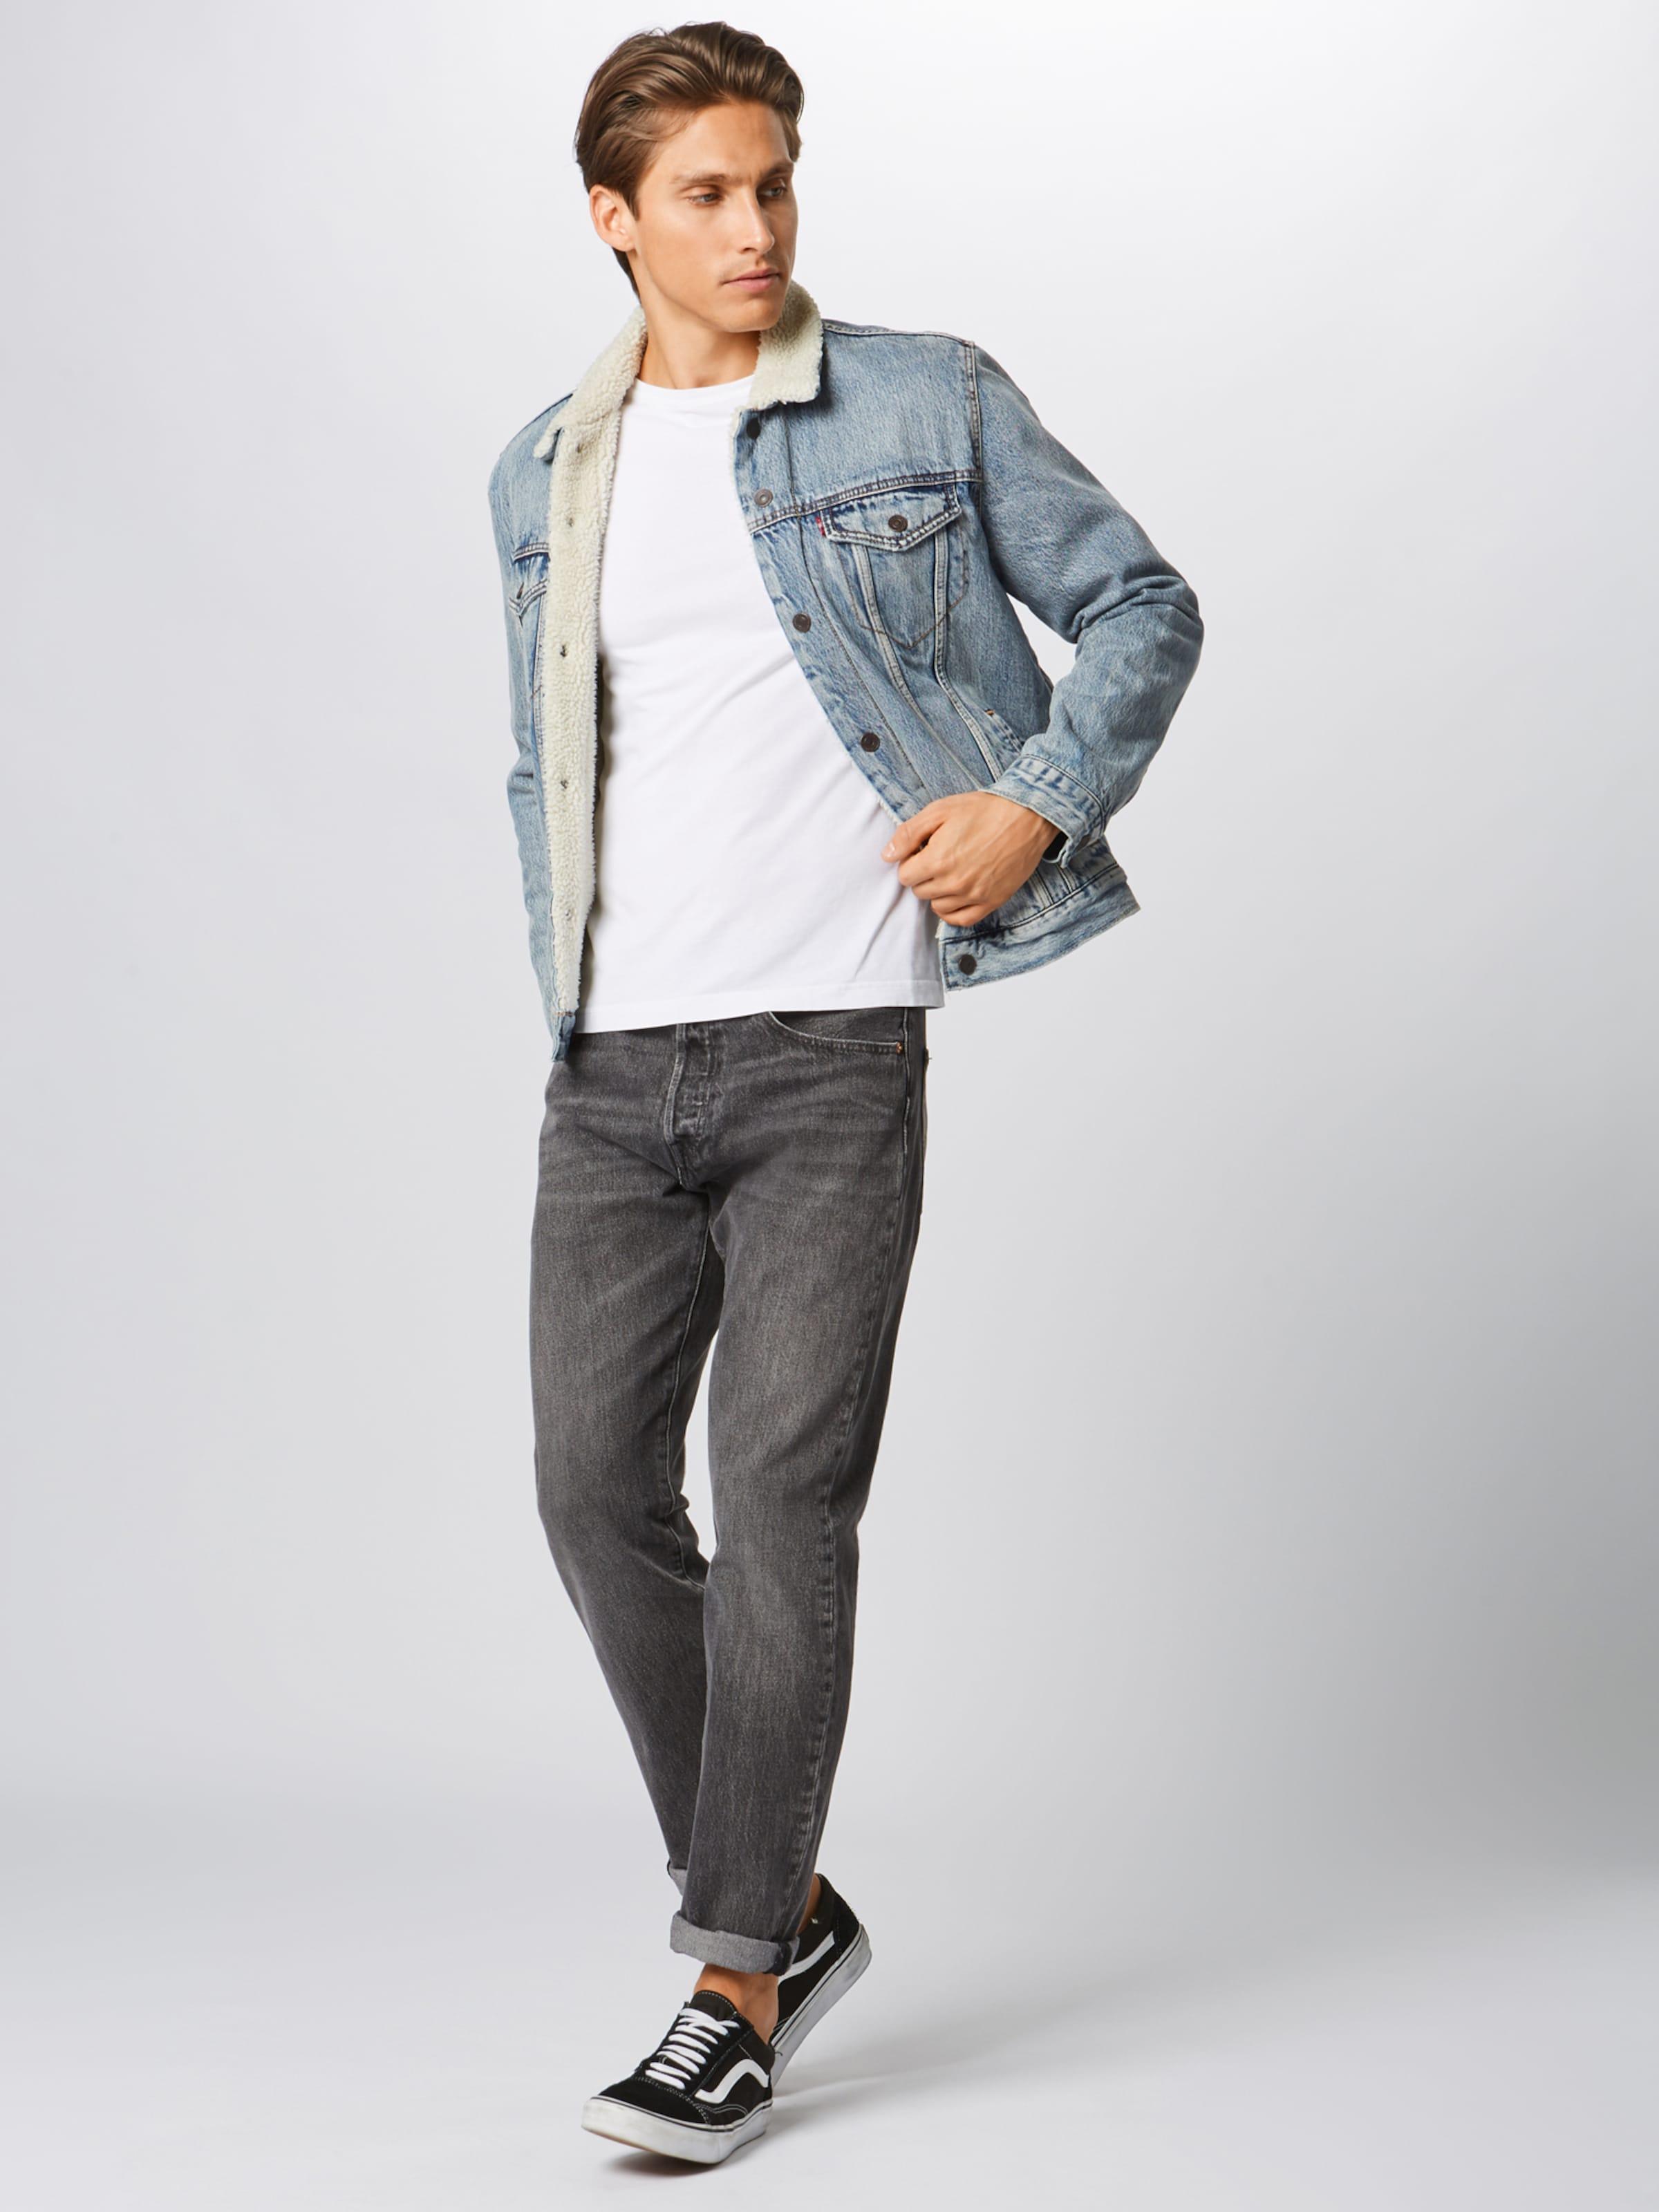 Levi's '501slimtaper' Denim Jeans In Grey Rc34Lqj5AS